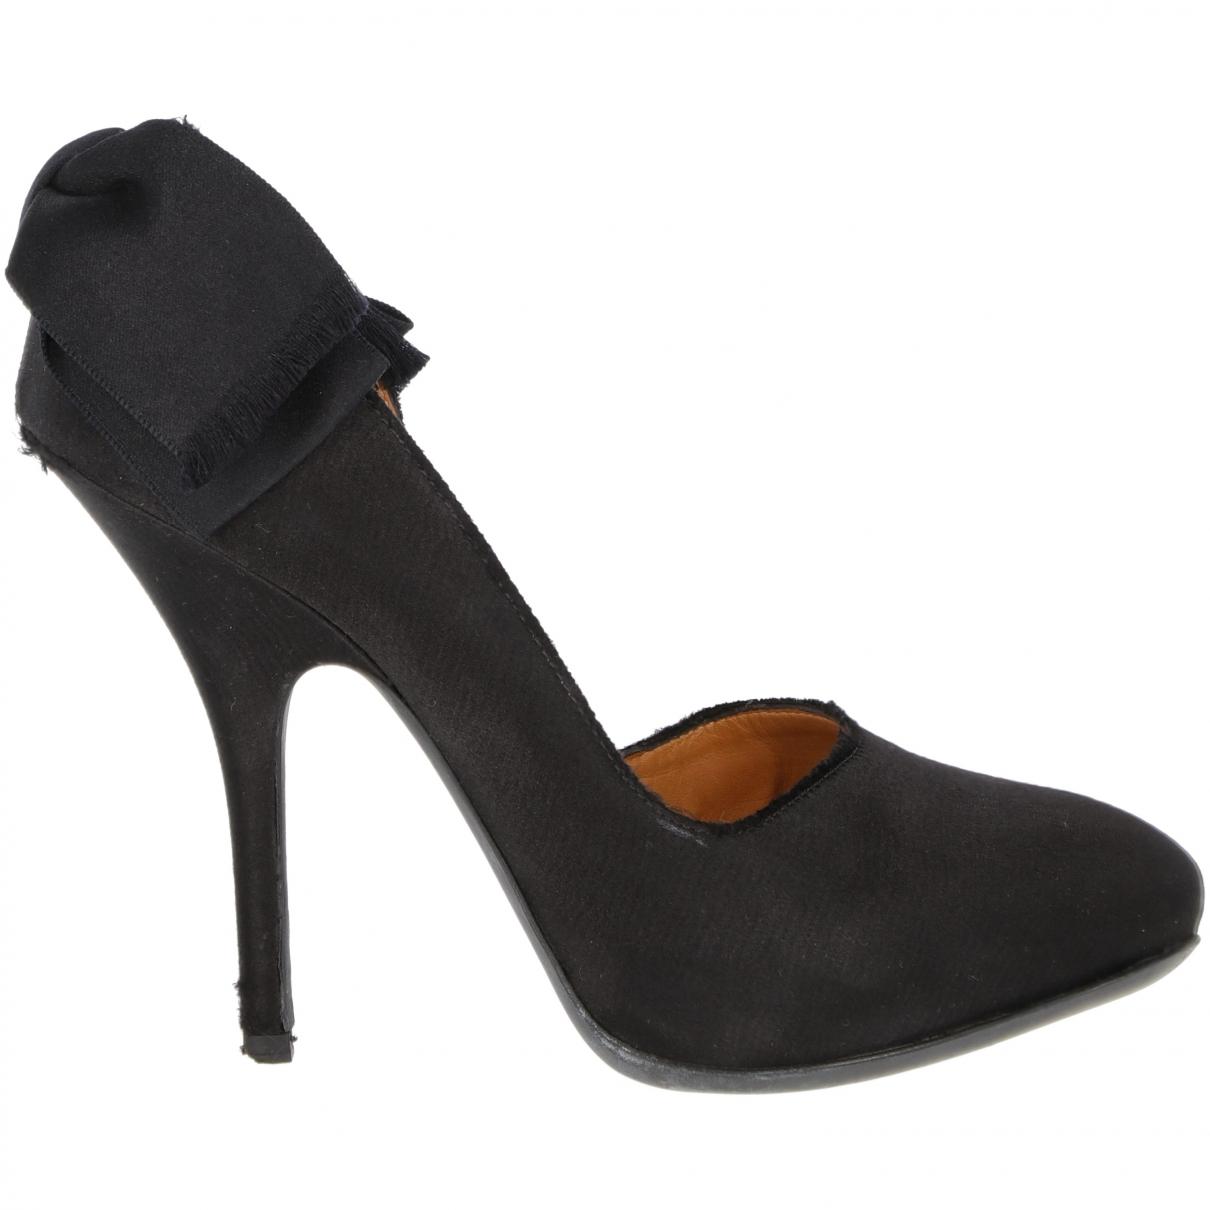 Lanvin \N Black Leather Heels for Women 37.5 EU